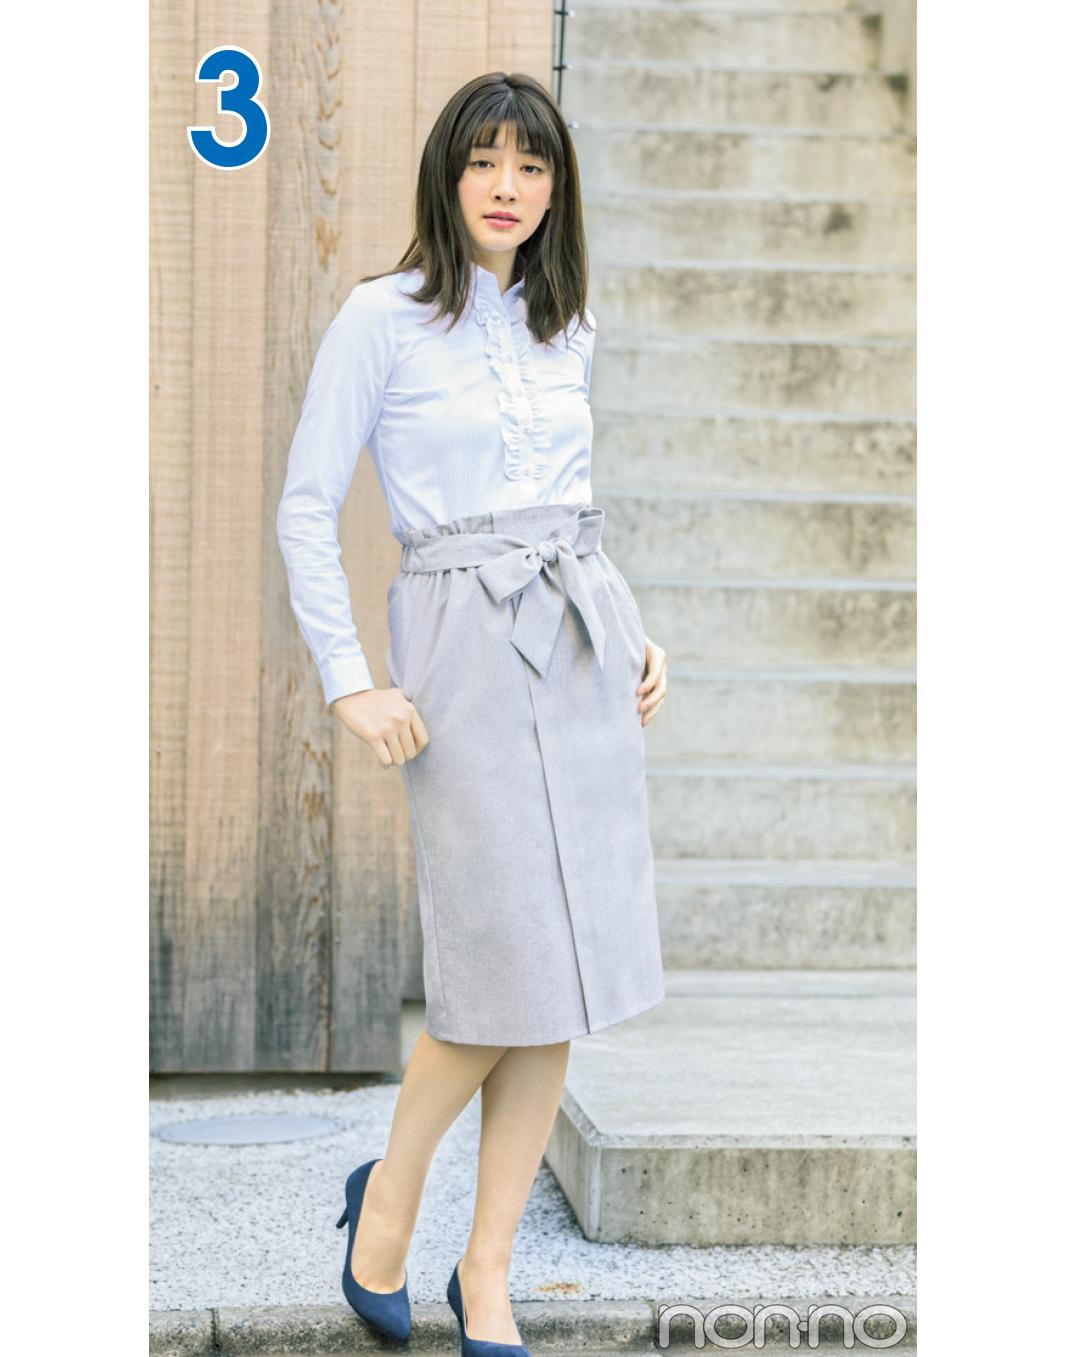 堅めオフィスできちんと見えスカート着回し☆毎日使えるタイトスカート4選!_1_3-2